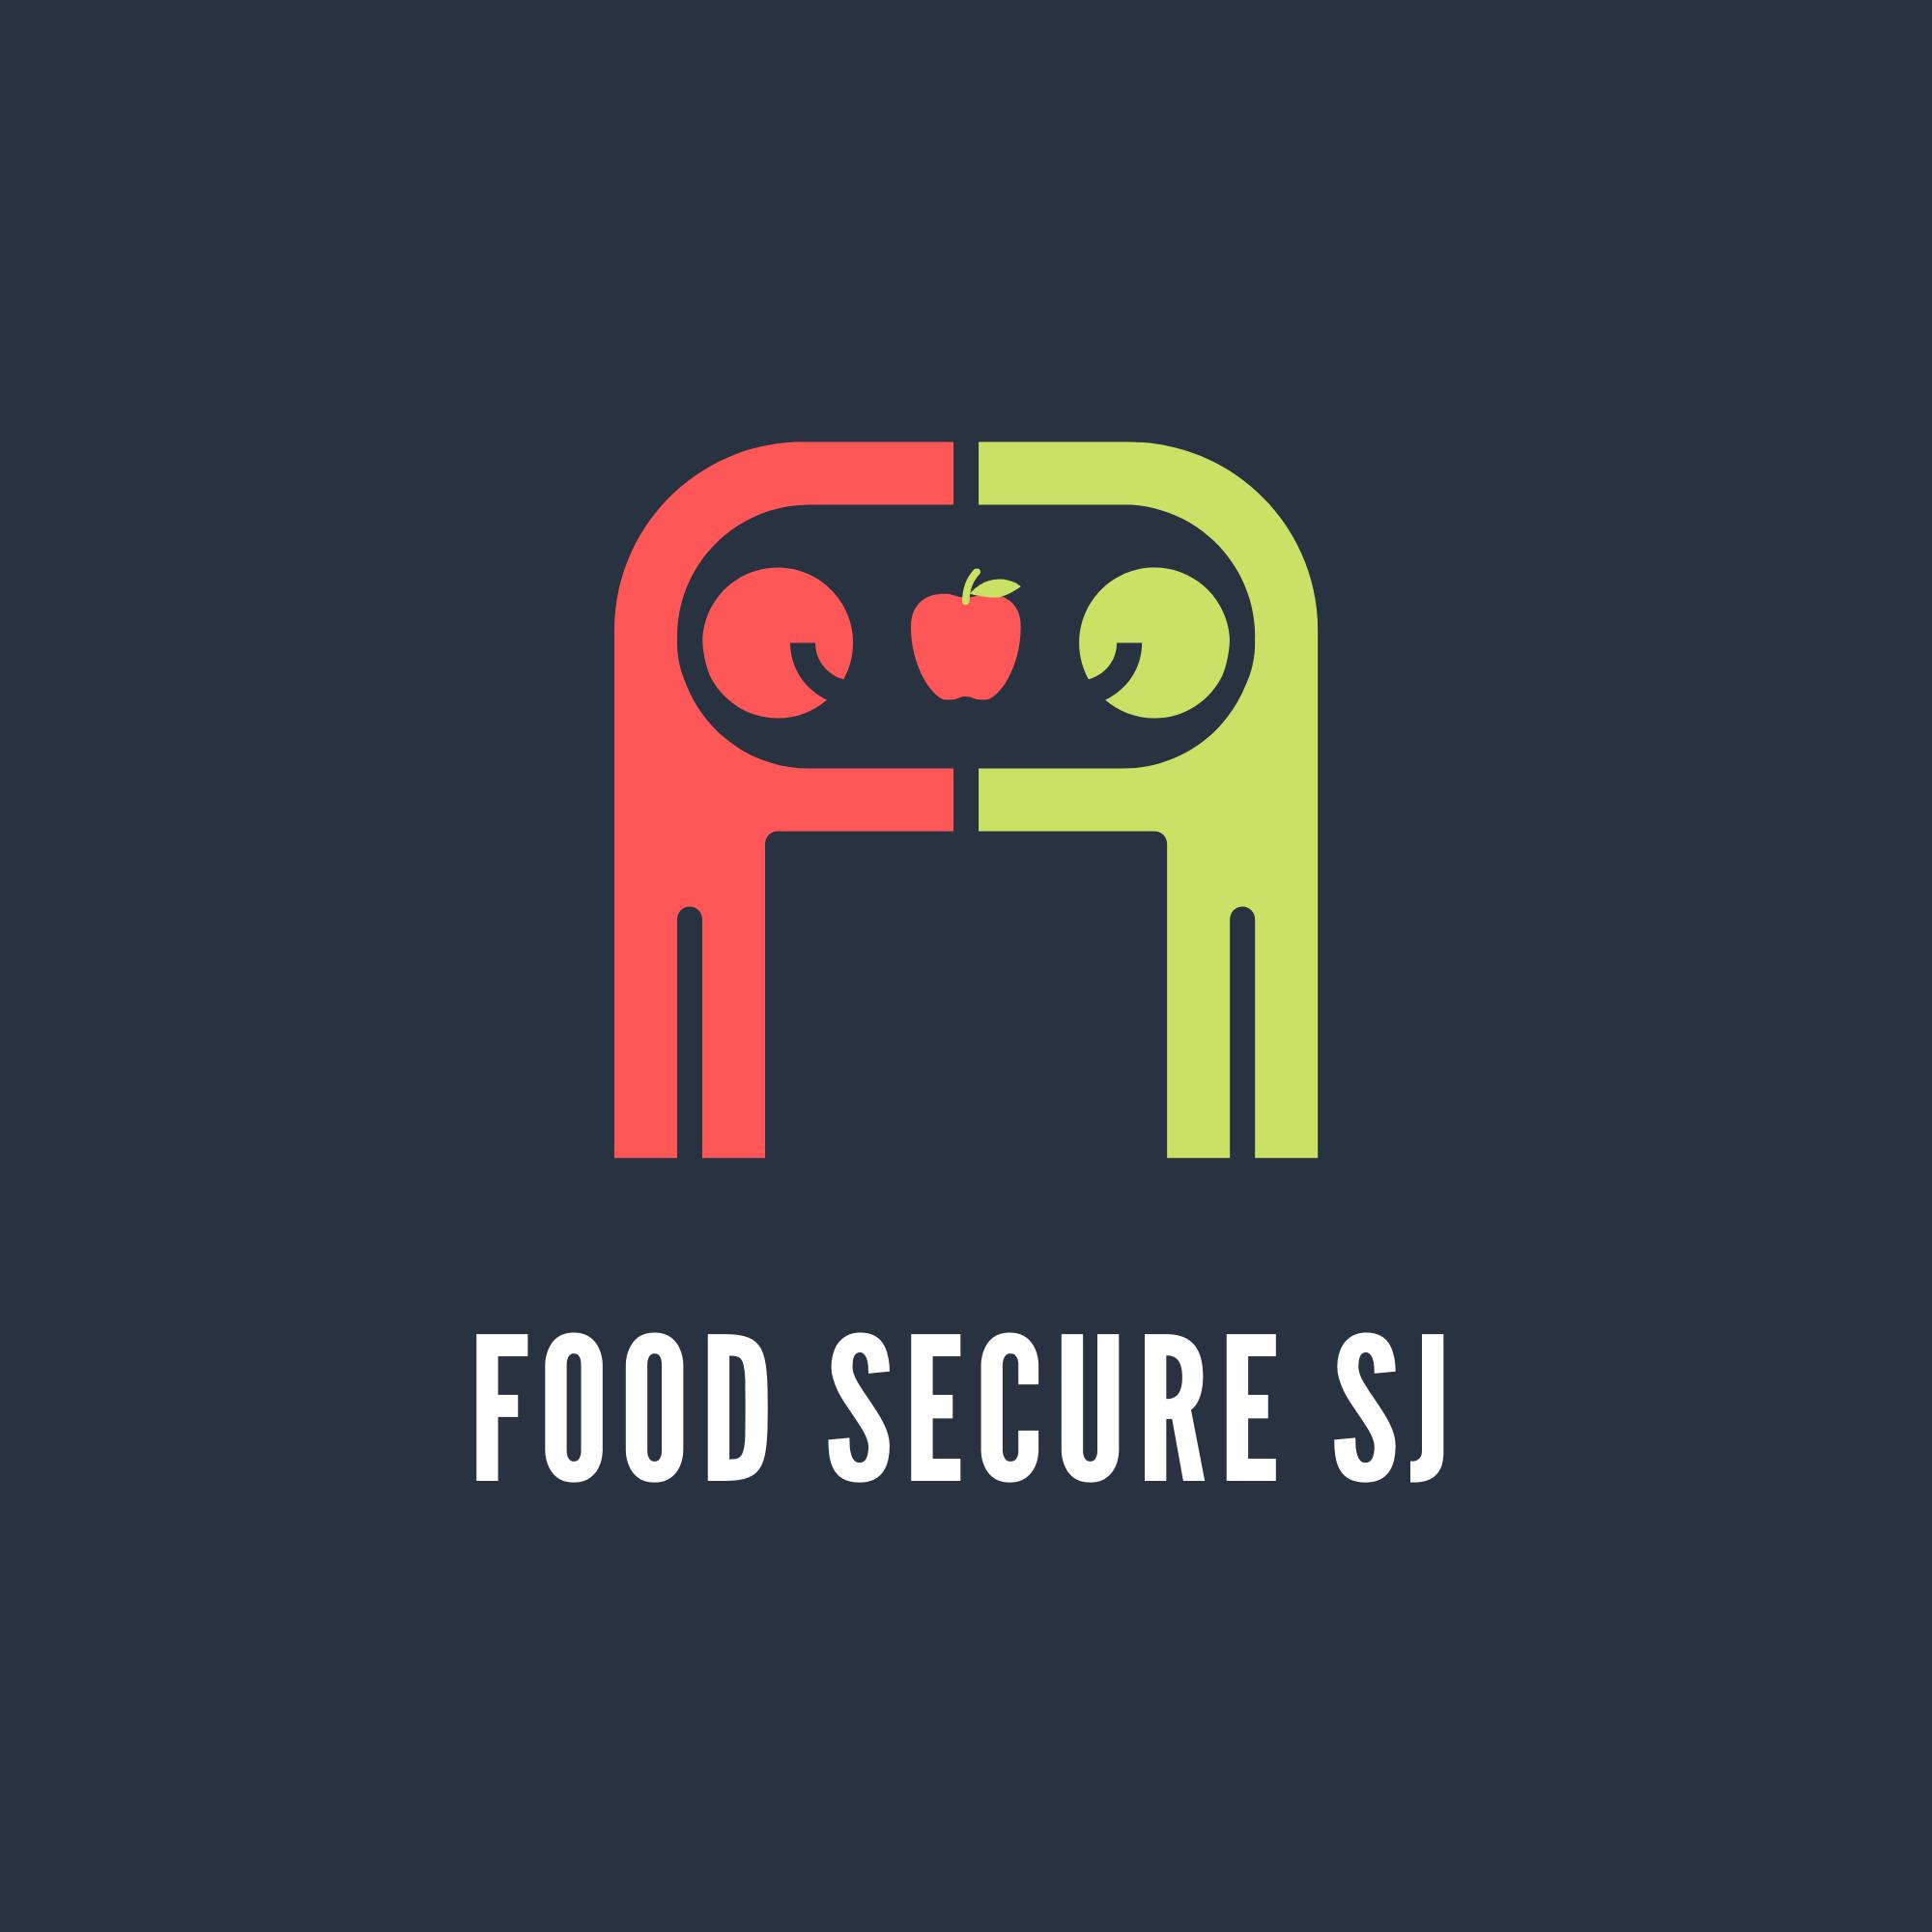 Food Secure SJ